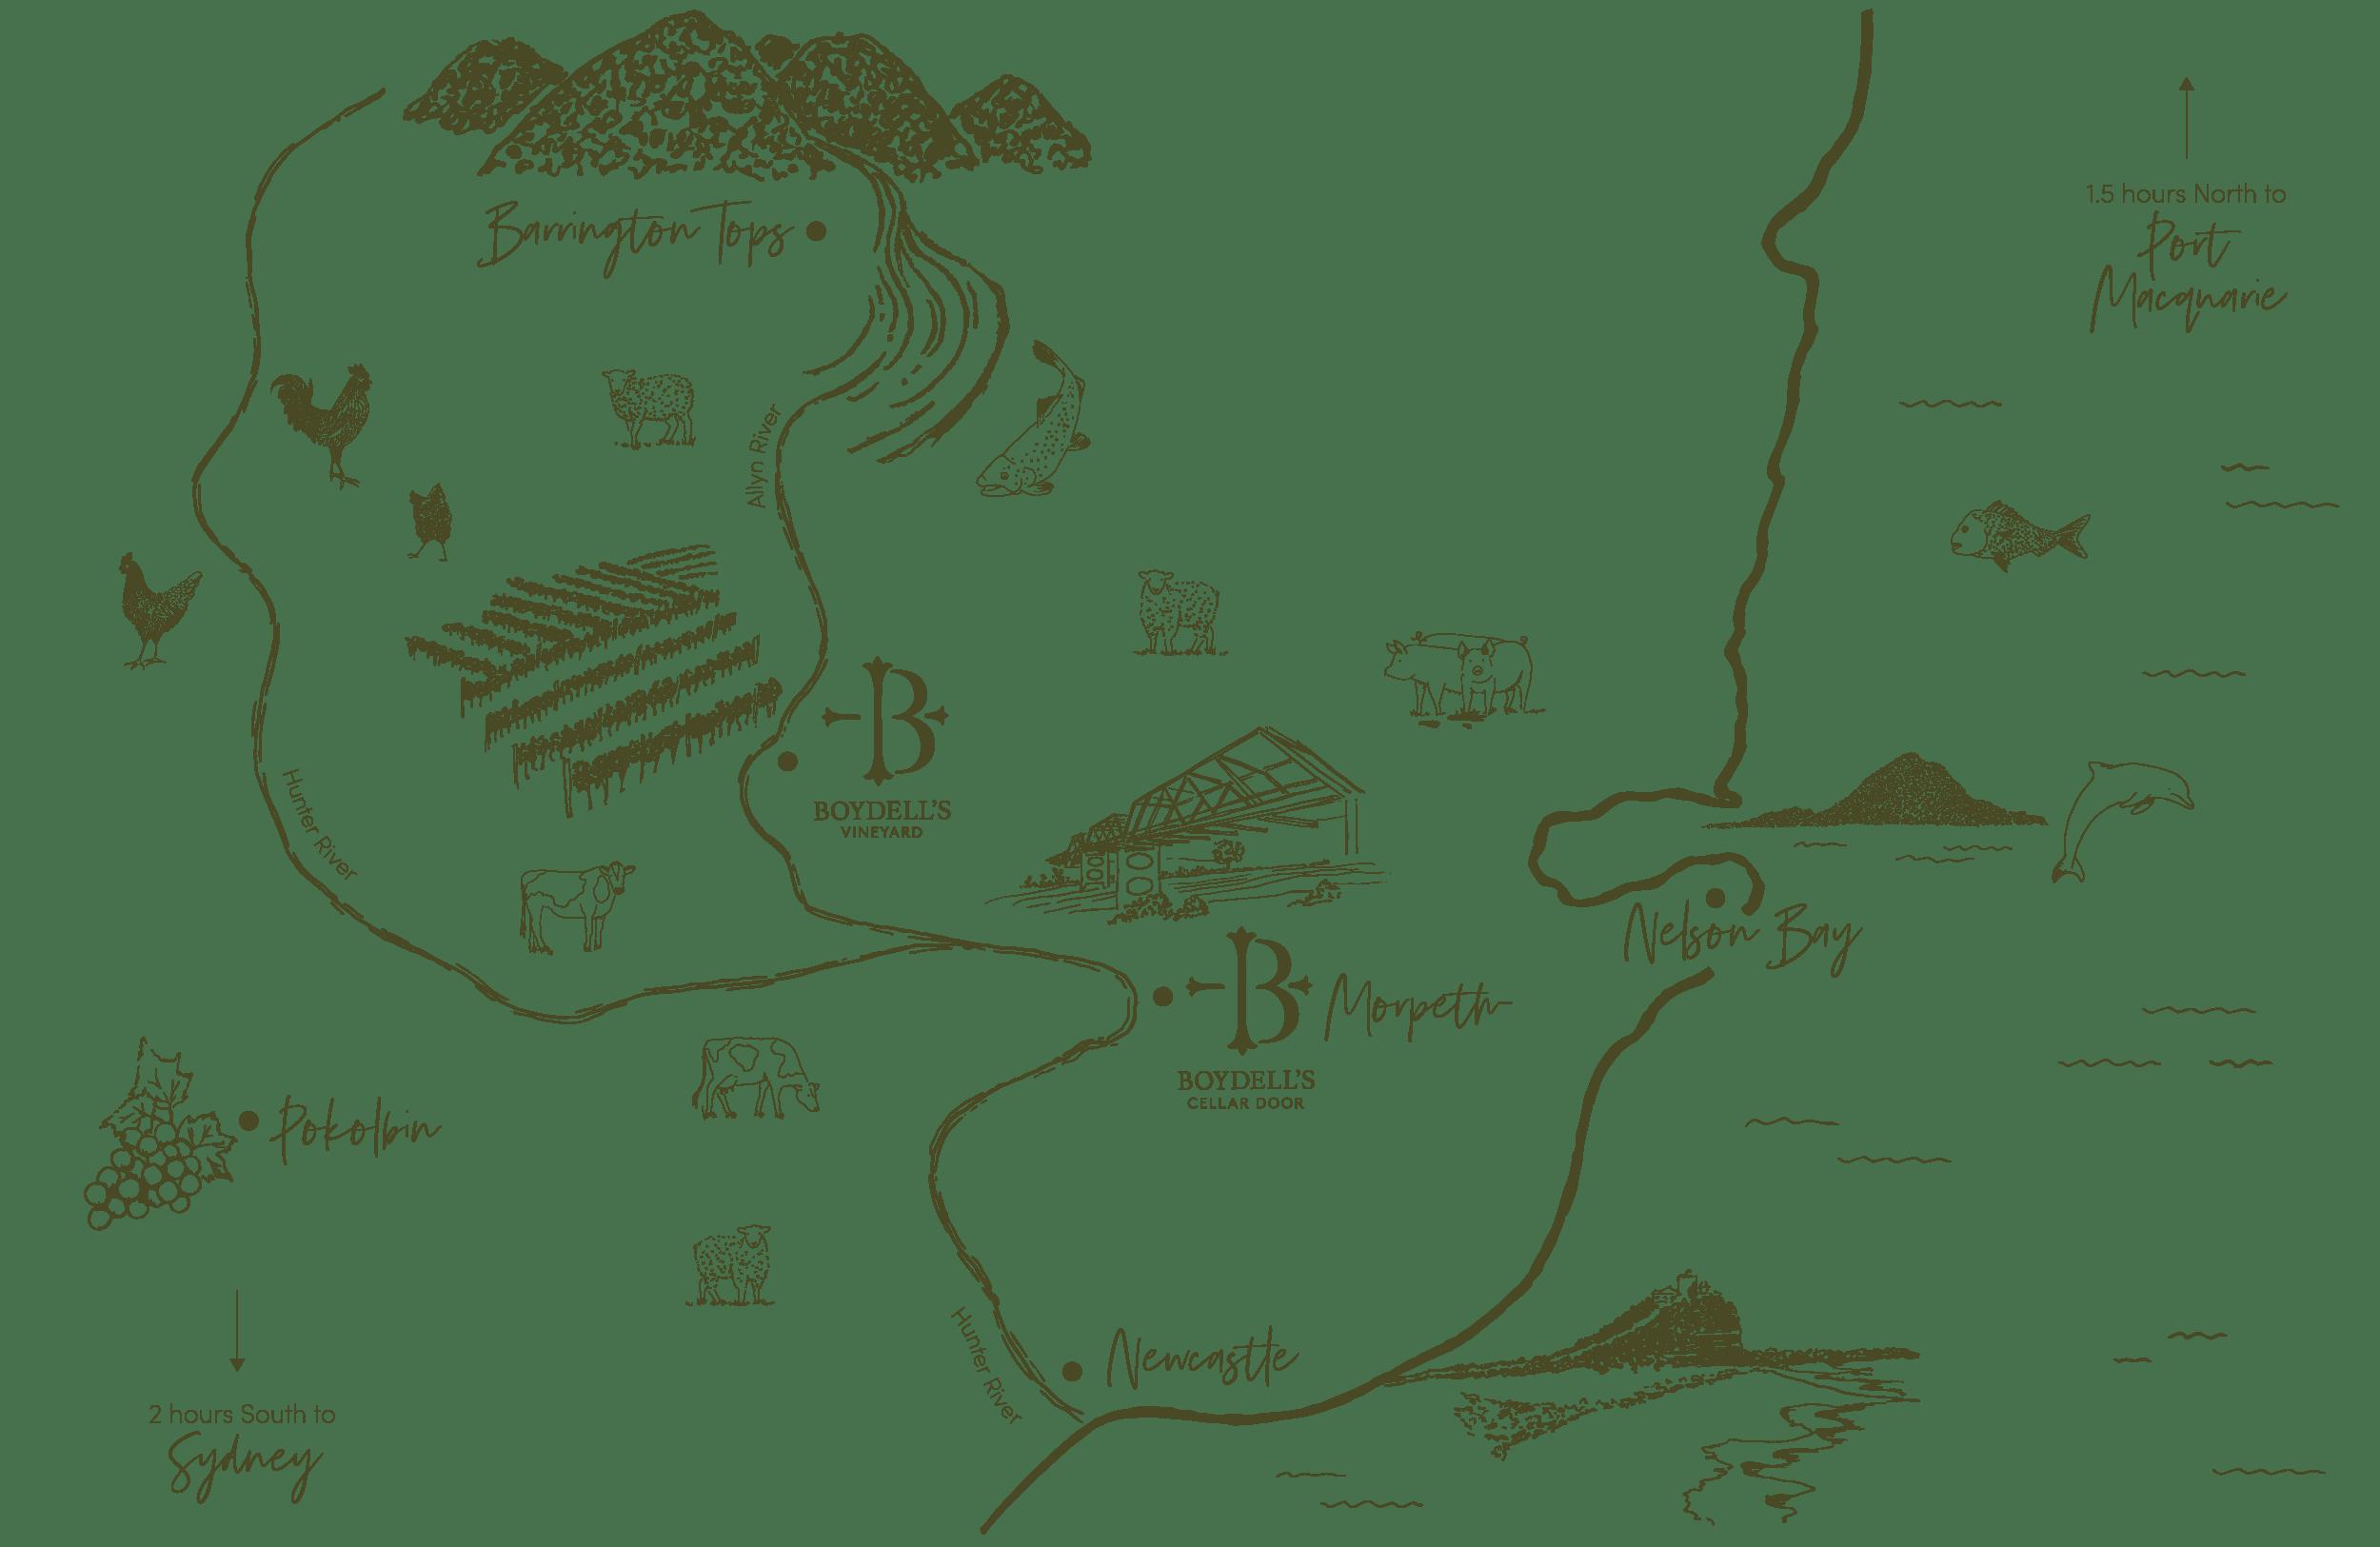 Boydells Map